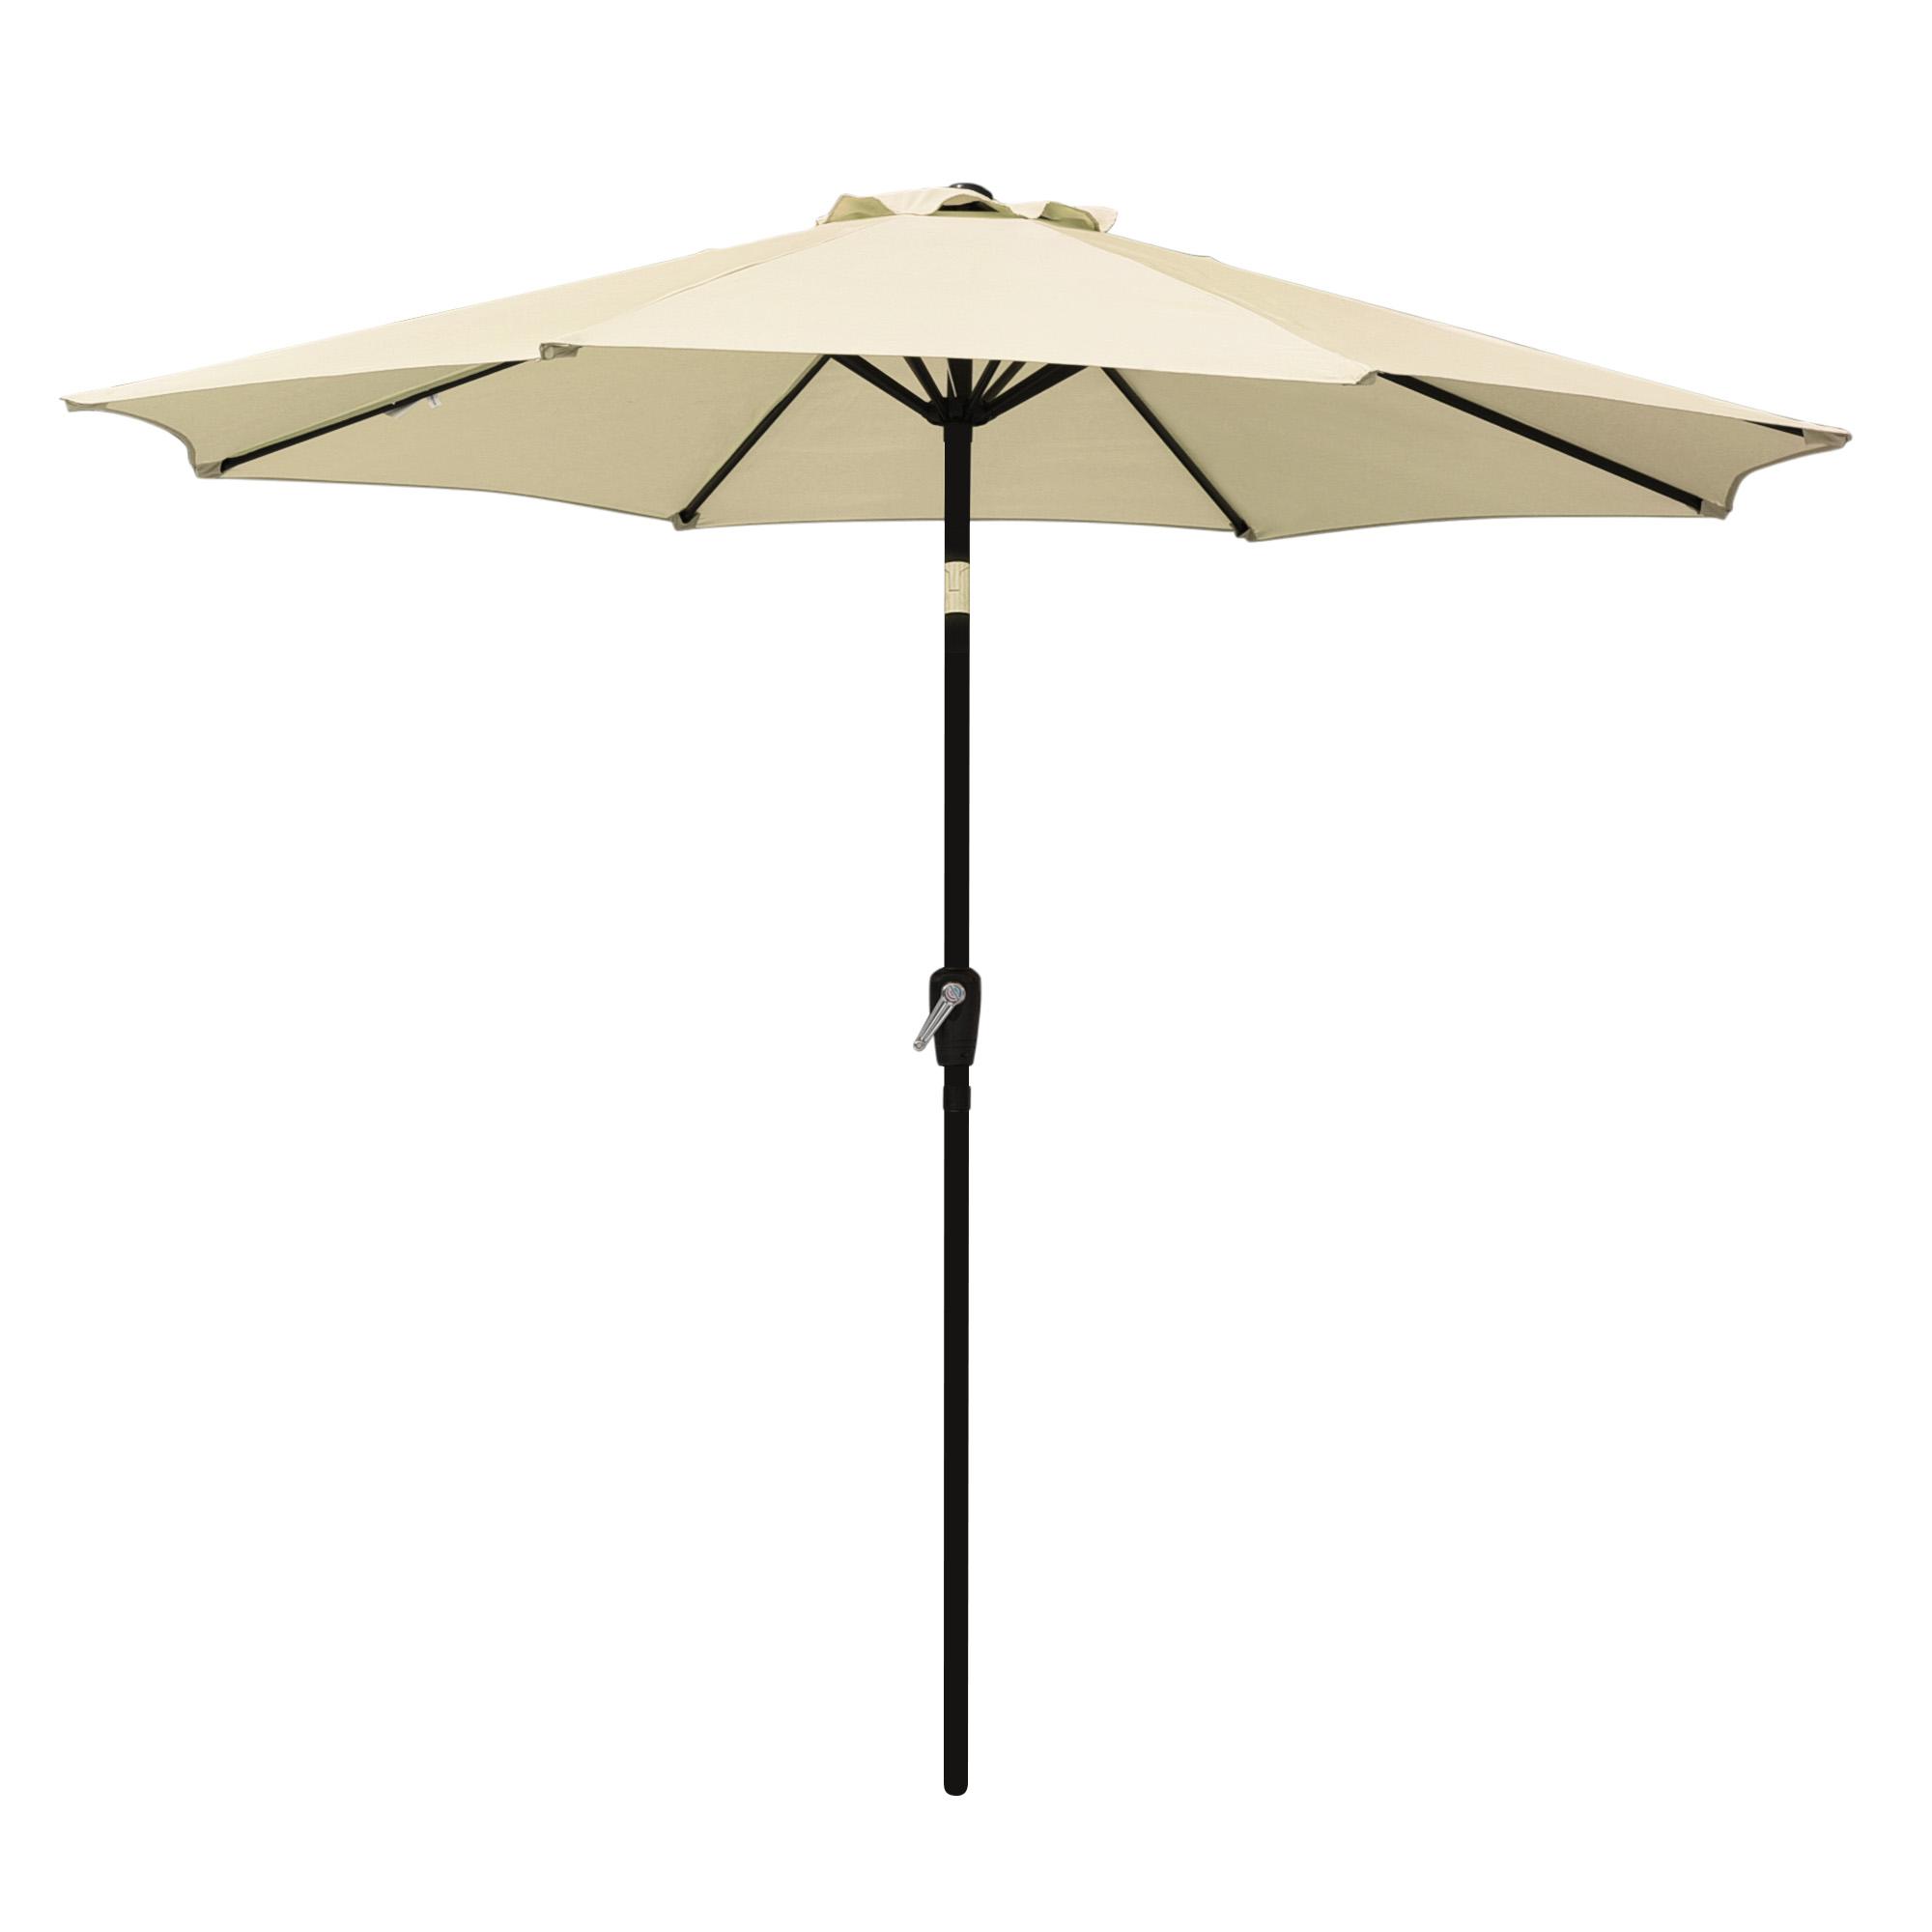 thumbnail 30 - 9' Outdoor Umbrella Patio 8 Ribs Market Garden Crank Tilt Beach Sunshade Parasol